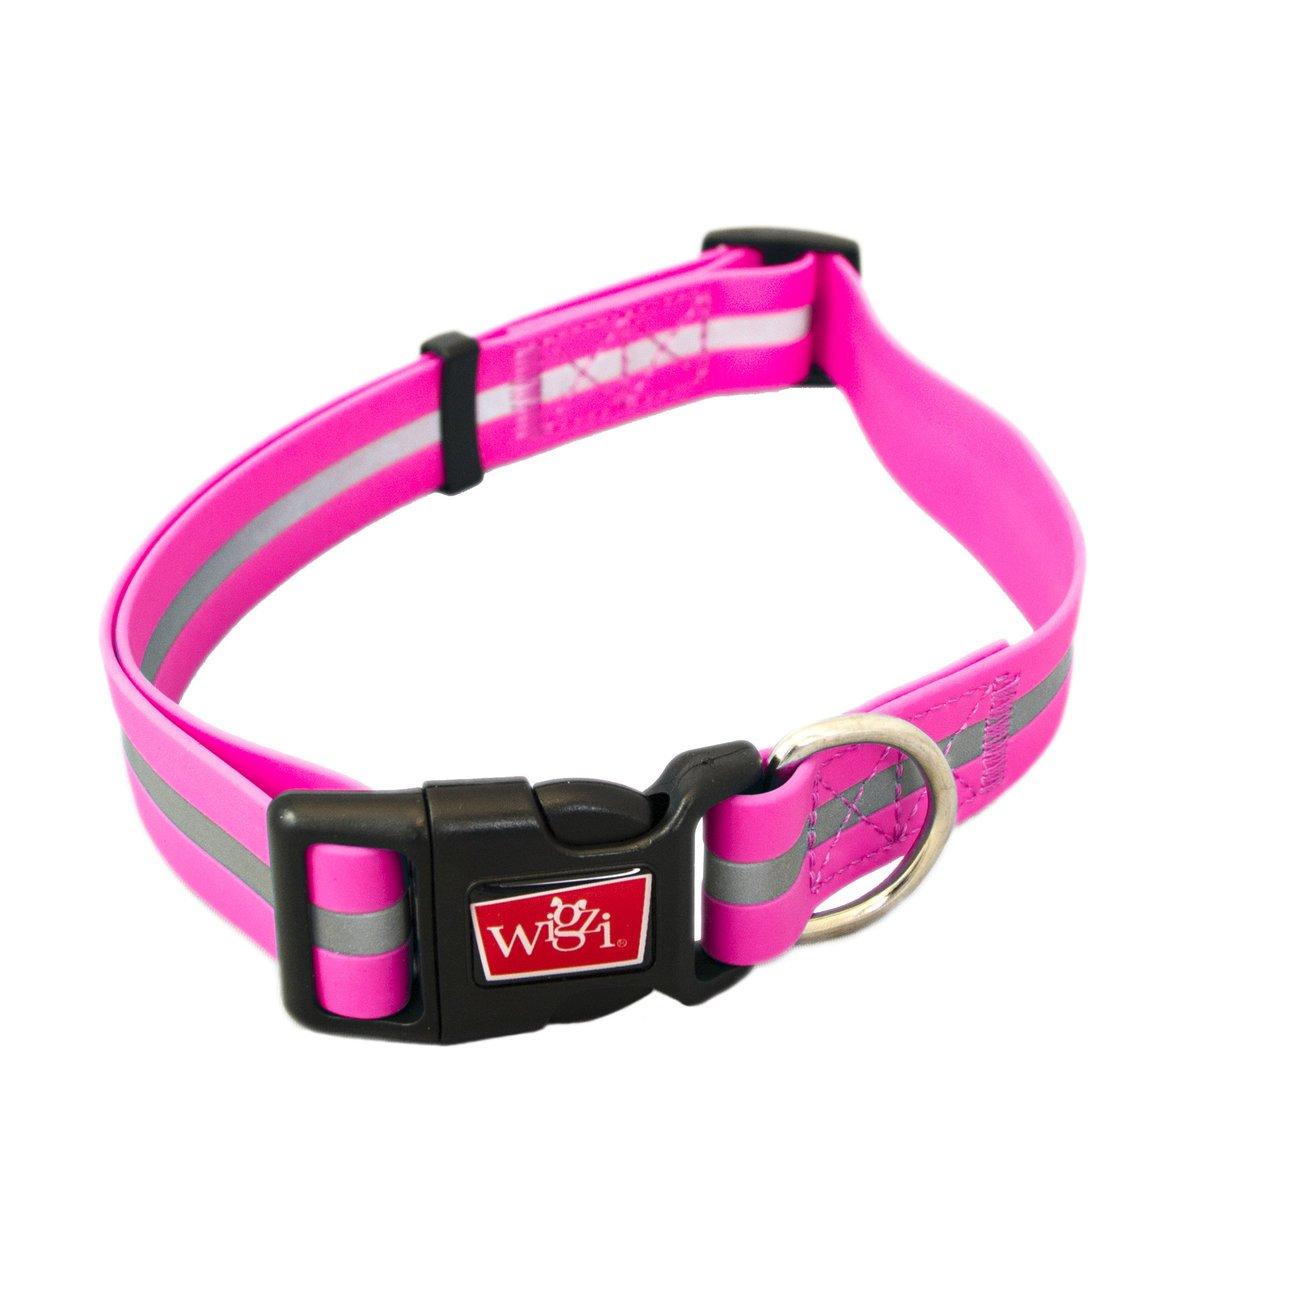 Wigzi wasserfestes Hundehalsband reflektierend, Gr. S - pink